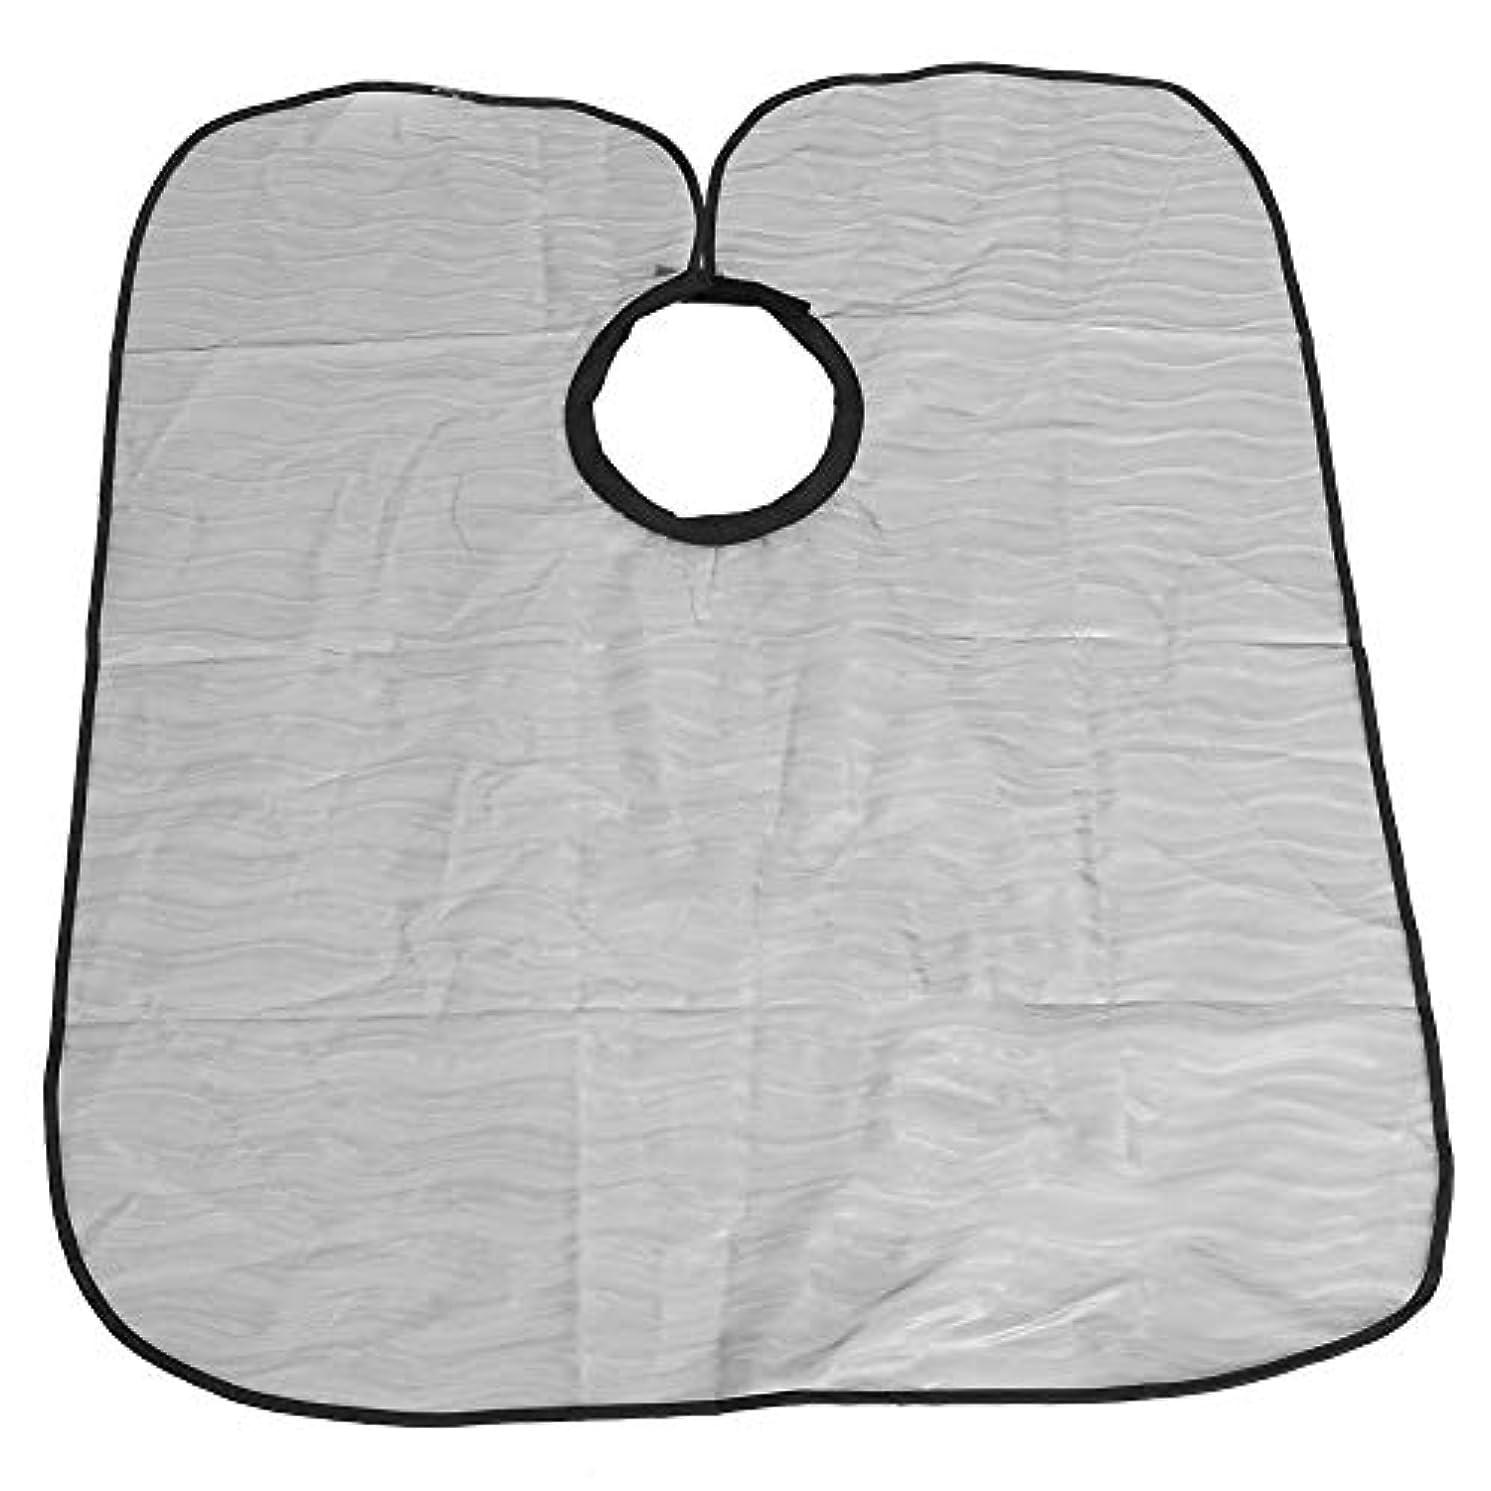 調整するデコードするレプリカ理髪布、防水サロンヘアカットケープ理髪布ヘアスタイリストガウン理容岬(# 1)